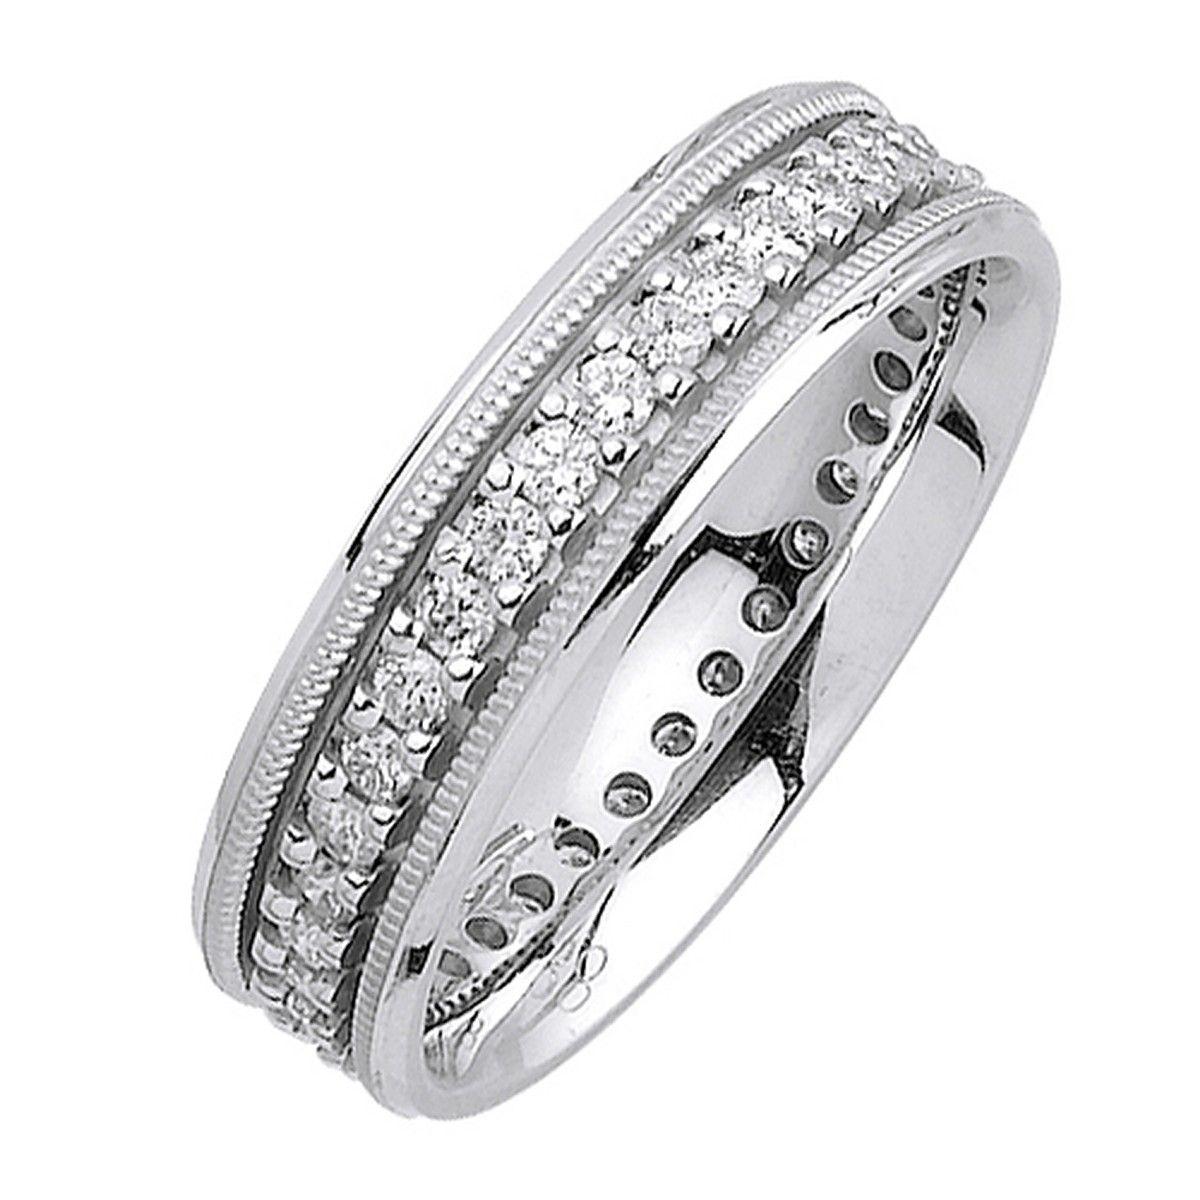 6mm 18K White Gold Men's Diamond Ring .93CT Diamond